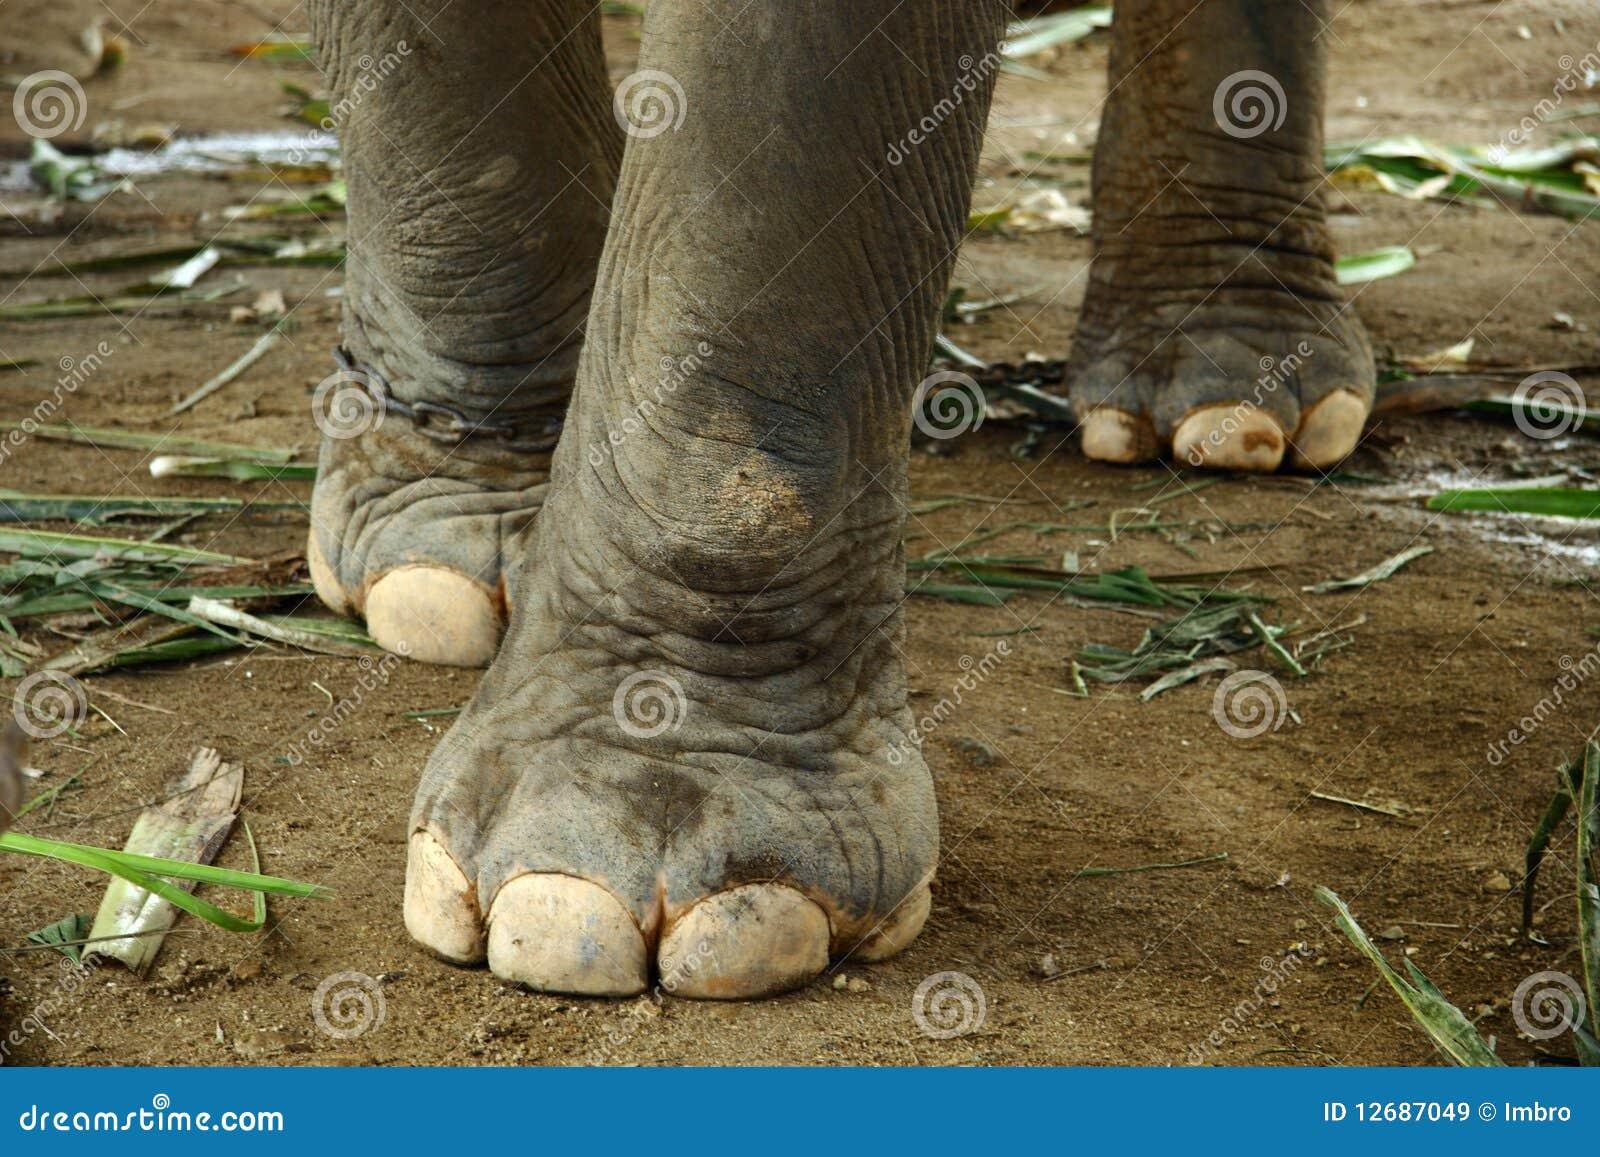 nouveau concept d367c 60649 Éléphant image stock. Image du faune, pieds, patte, éléphant ...